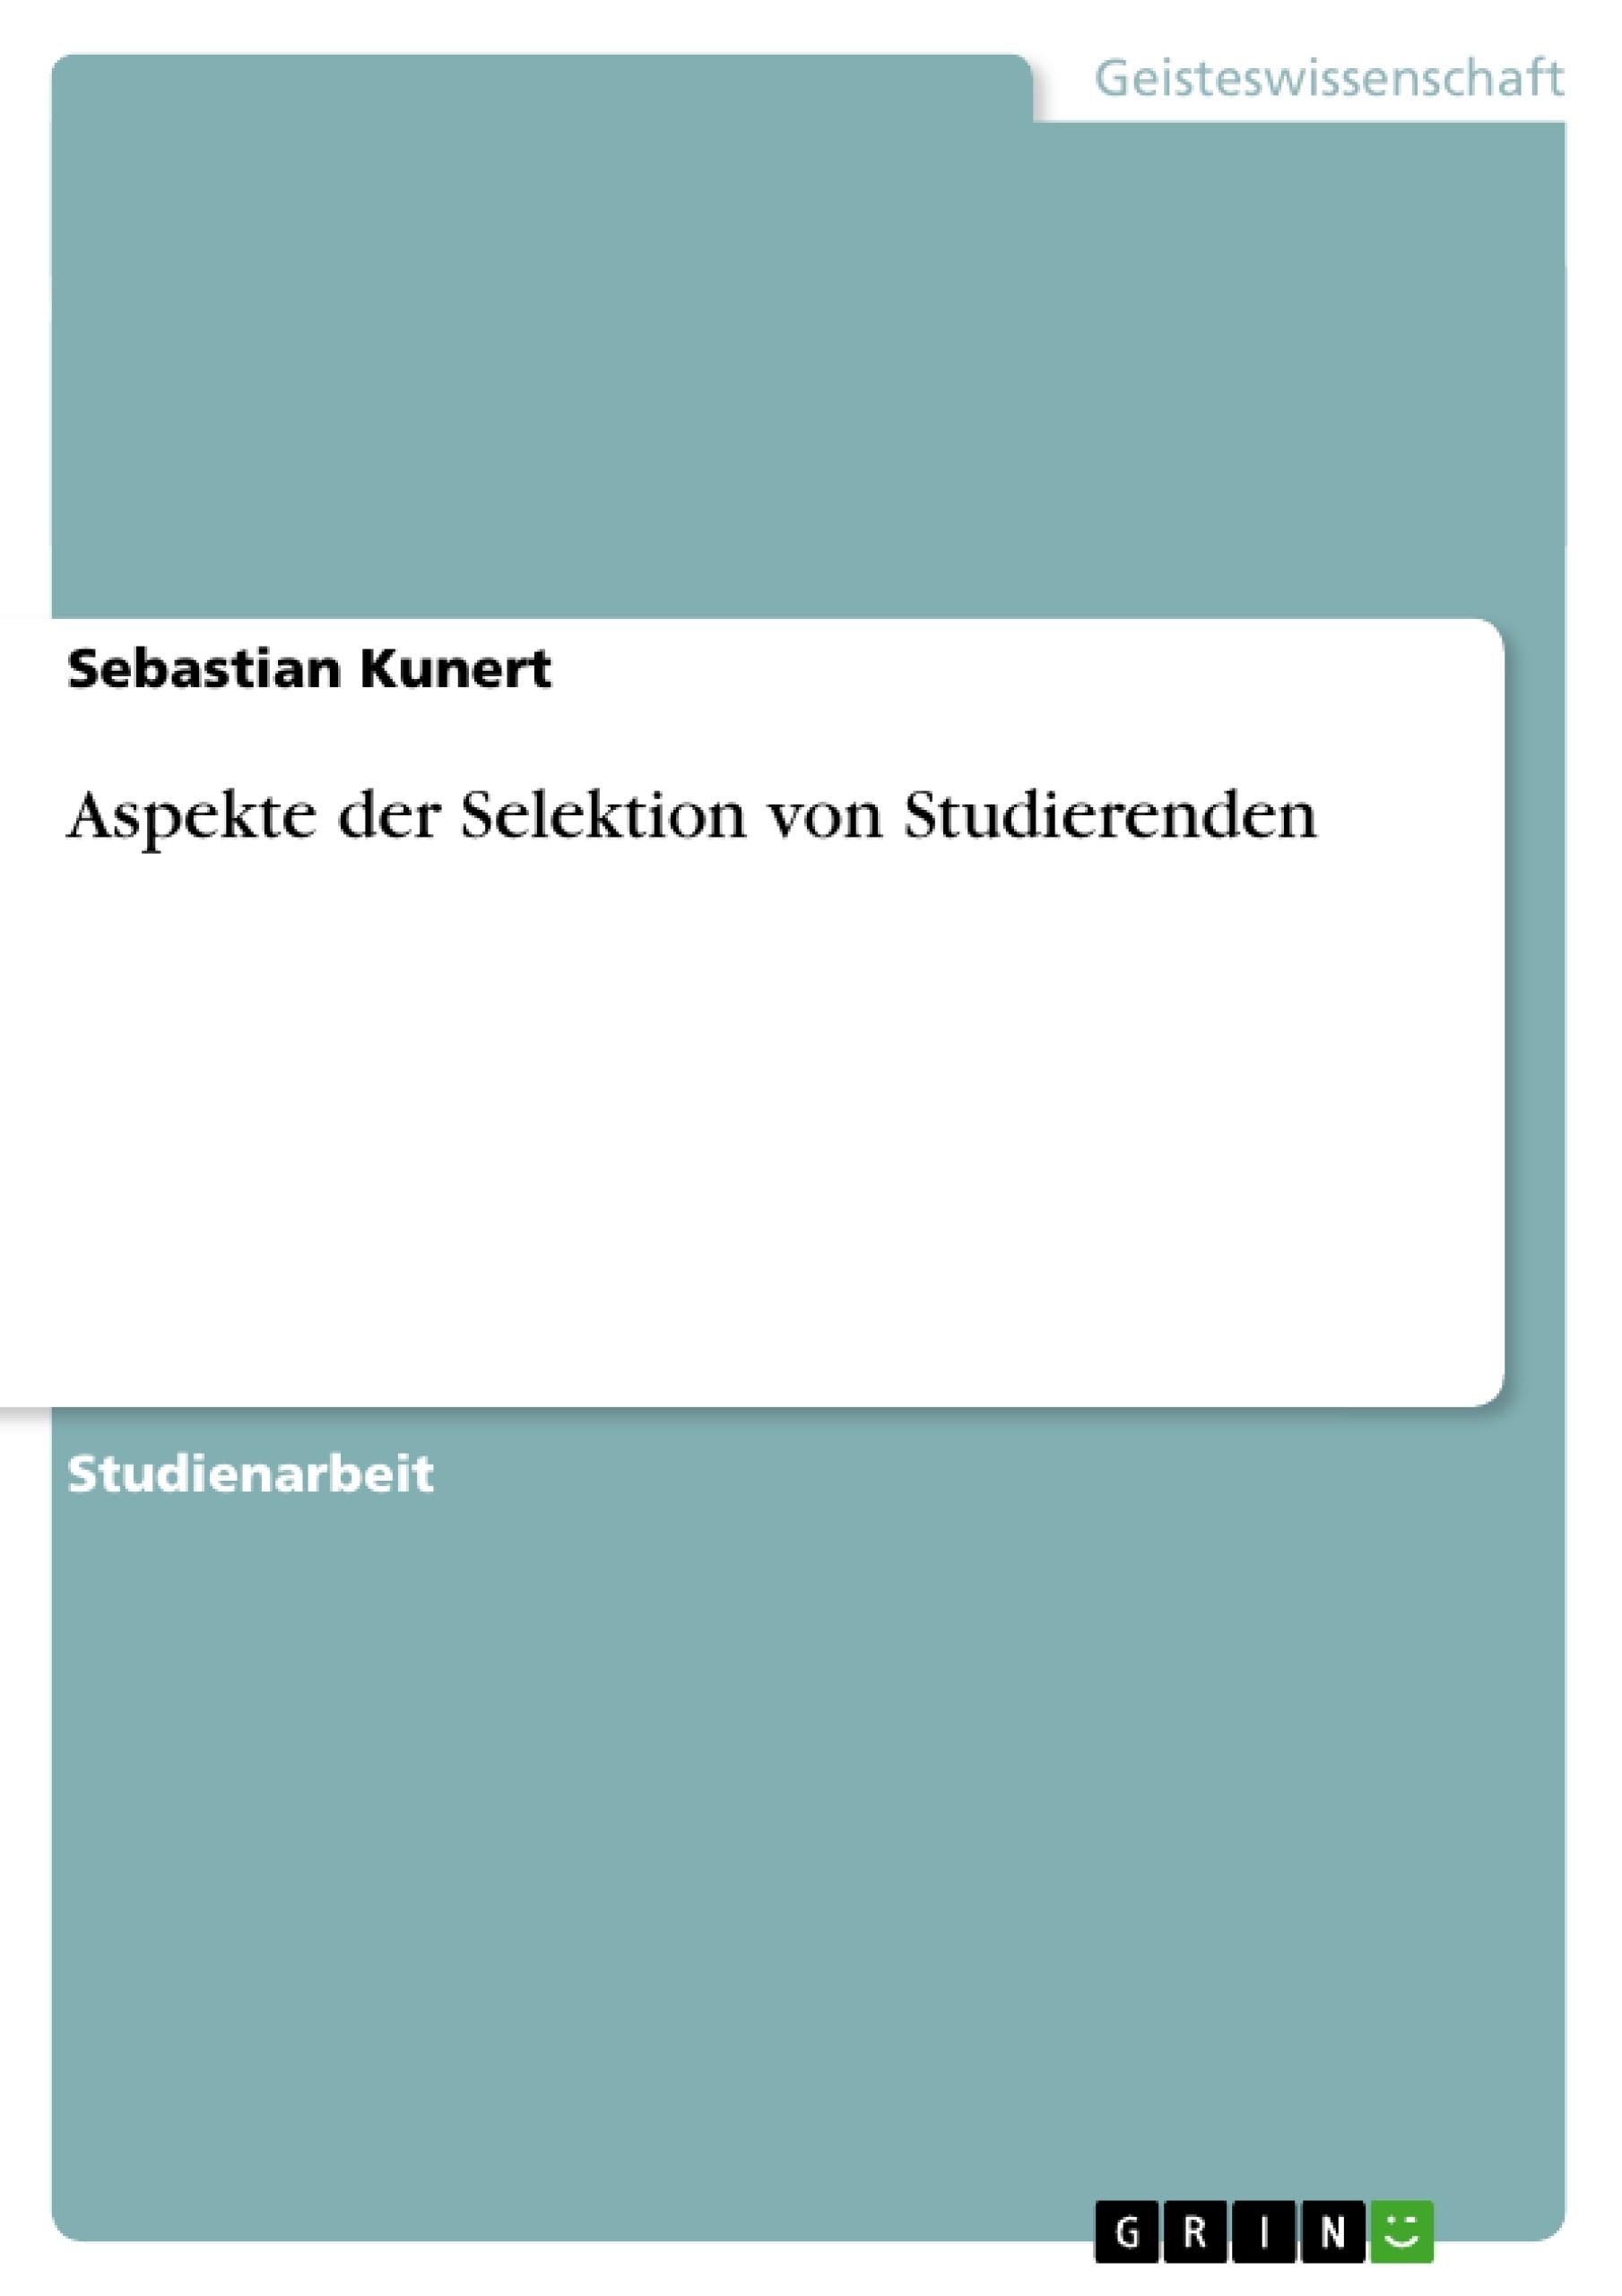 Titel: Aspekte der Selektion von Studierenden